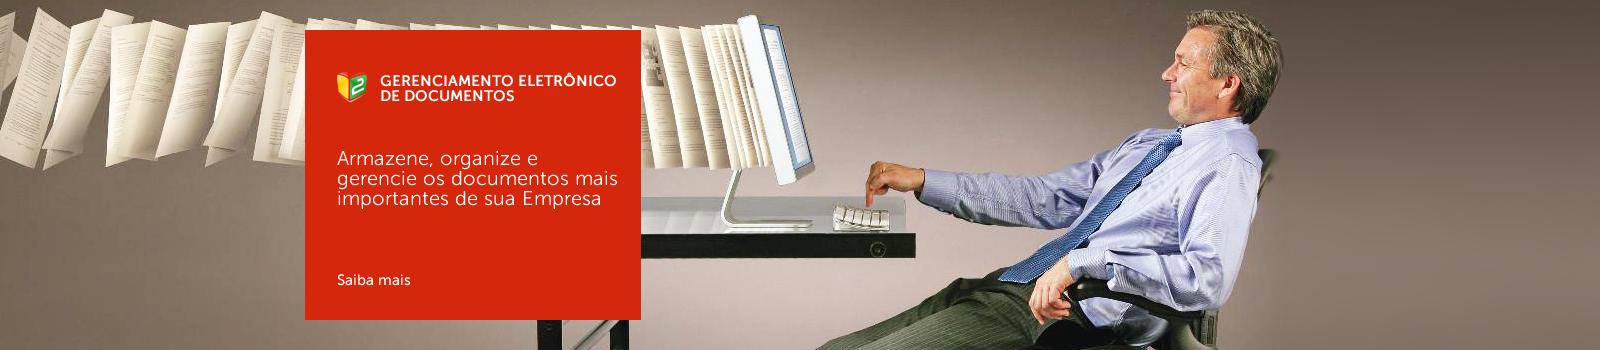 Armazene, organize e gerencie os documentos mais importantes de sua Empresa